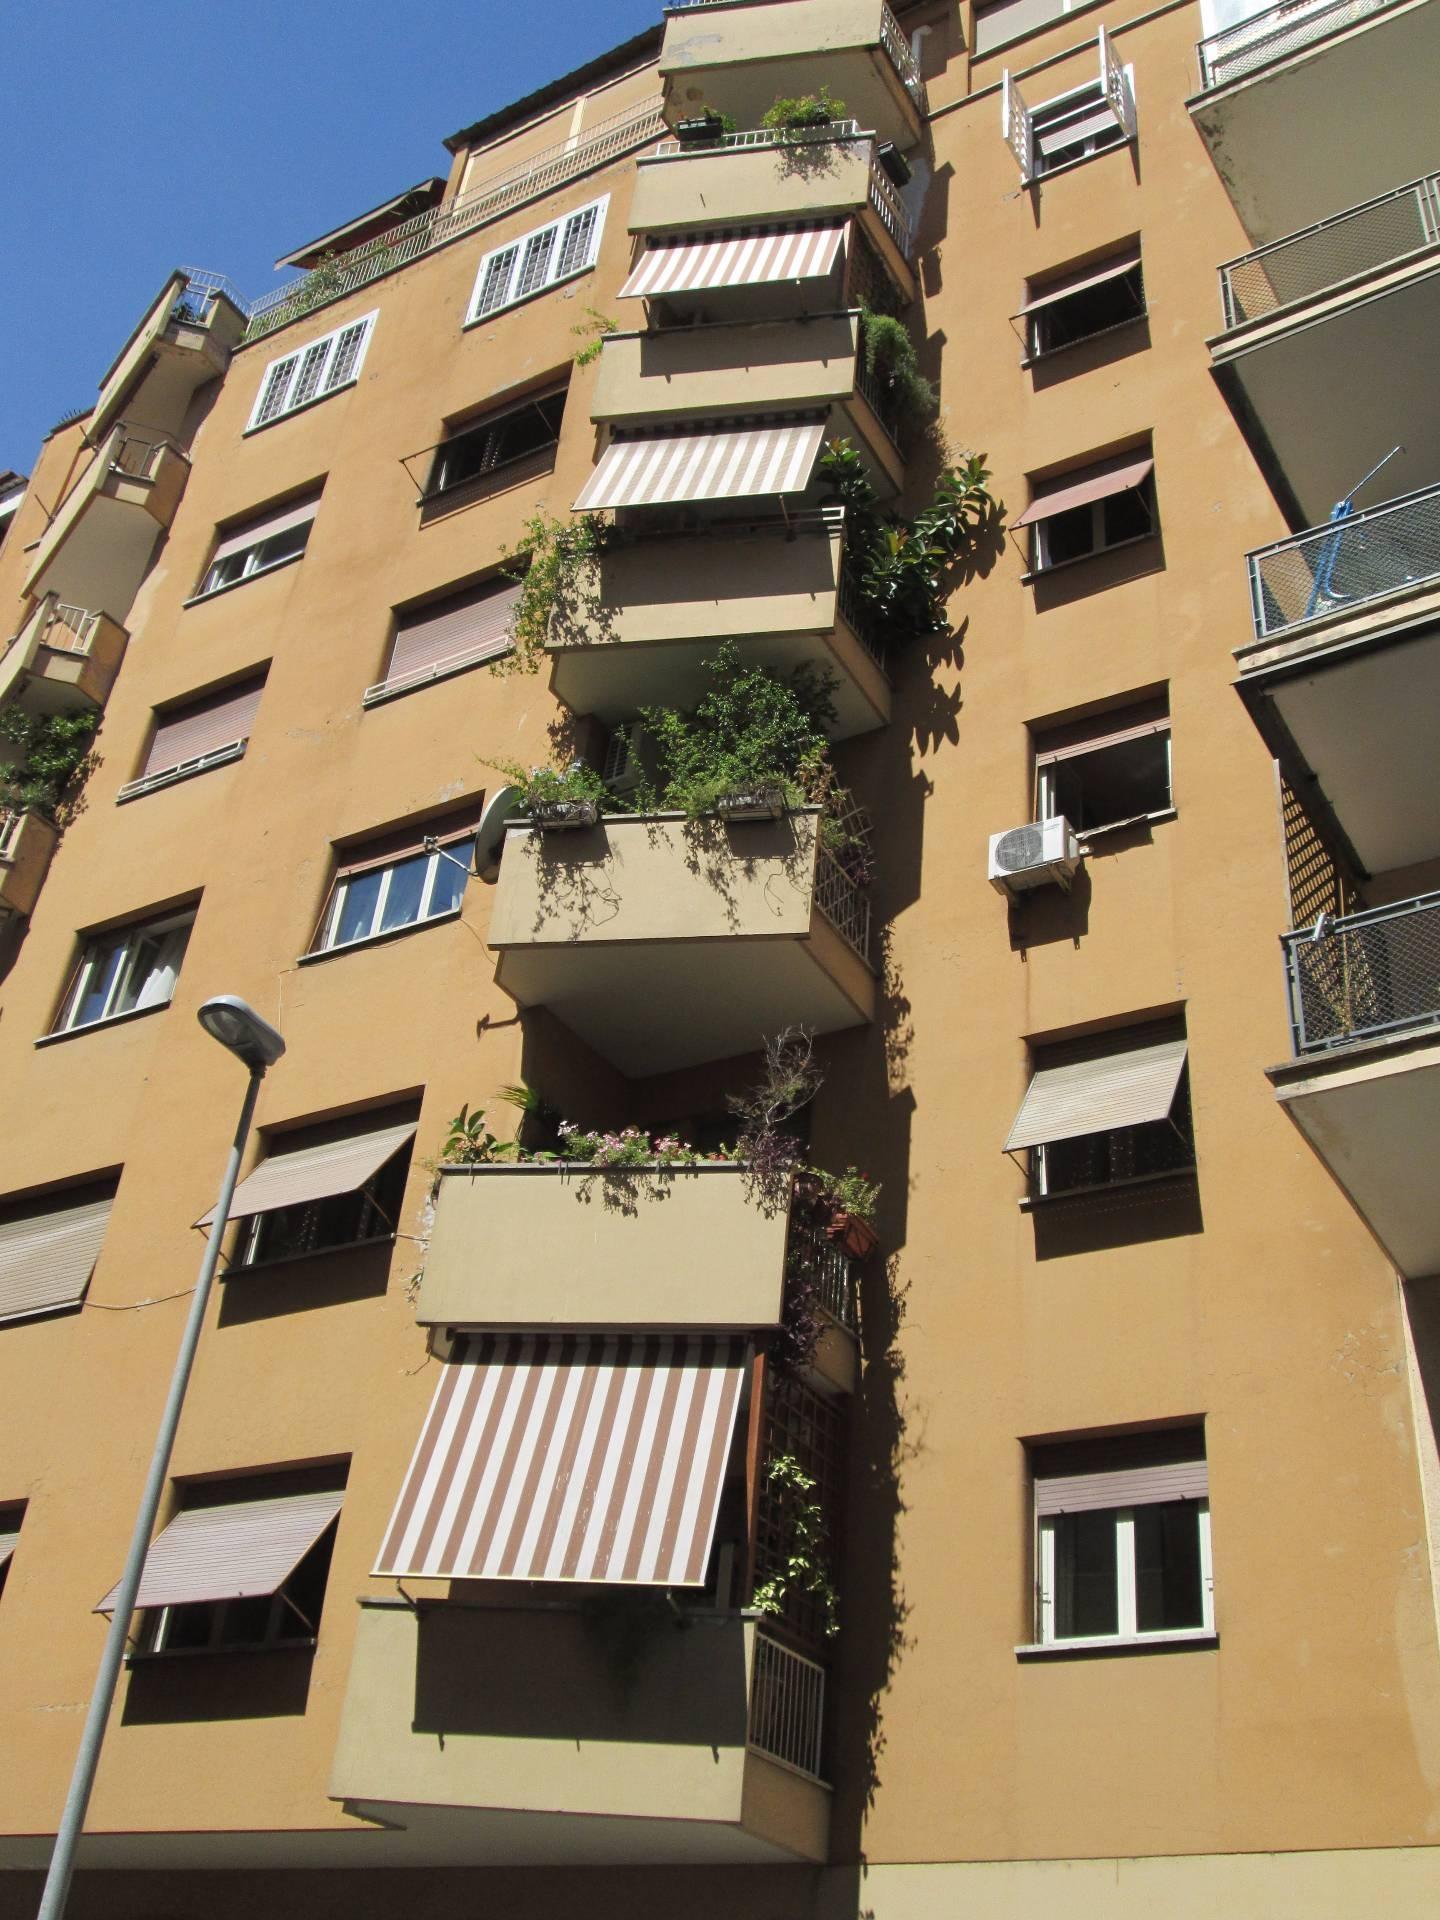 Agenzia immobiliare roma trieste salario - Agenzia immobiliare trieste ...